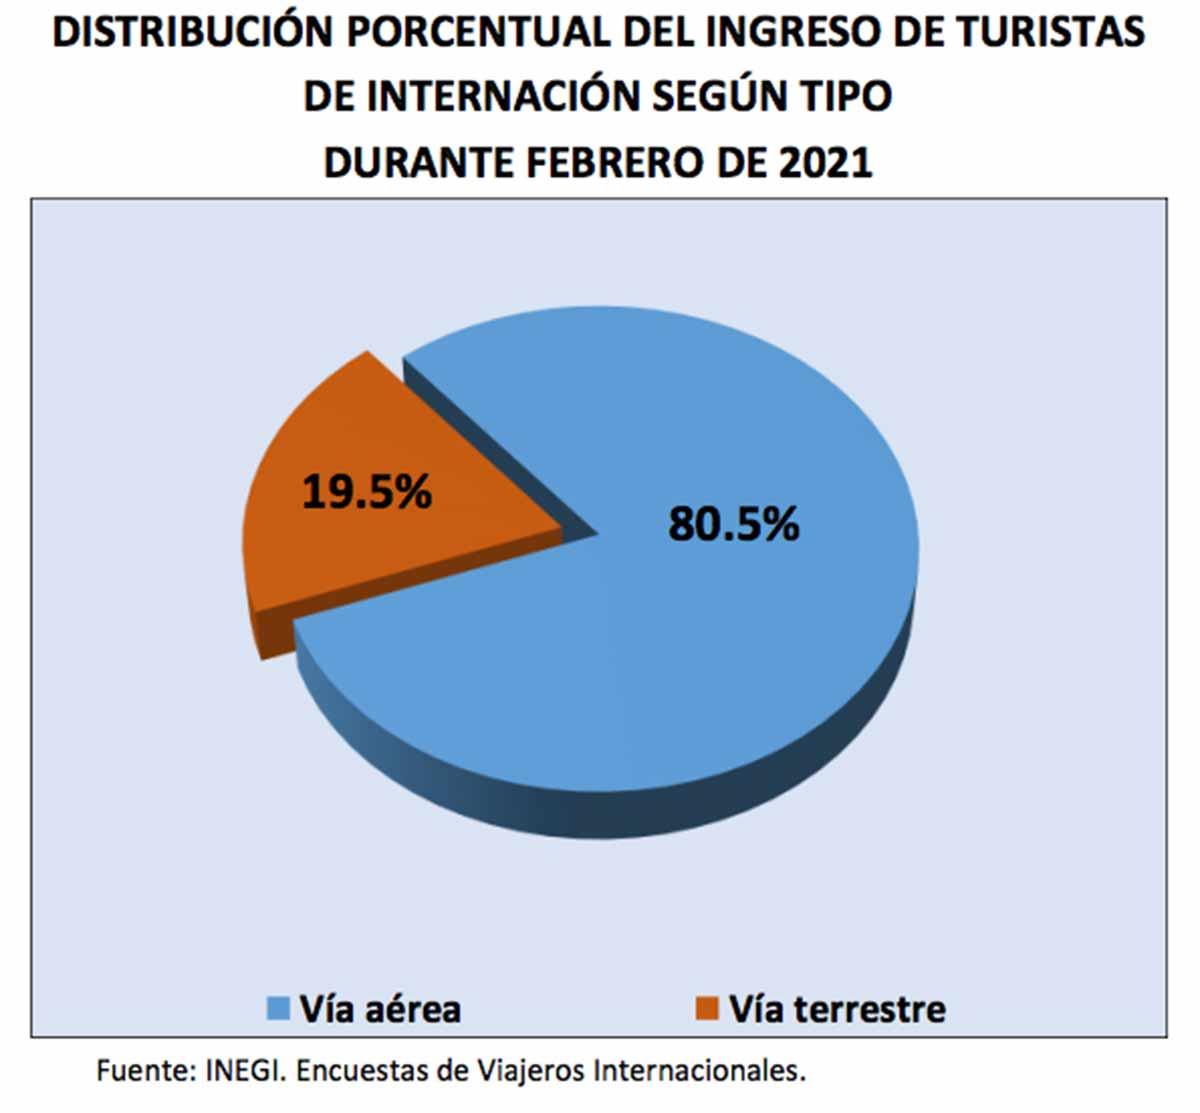 Gráfico encuesta de viajeros / Fuente: Inegi